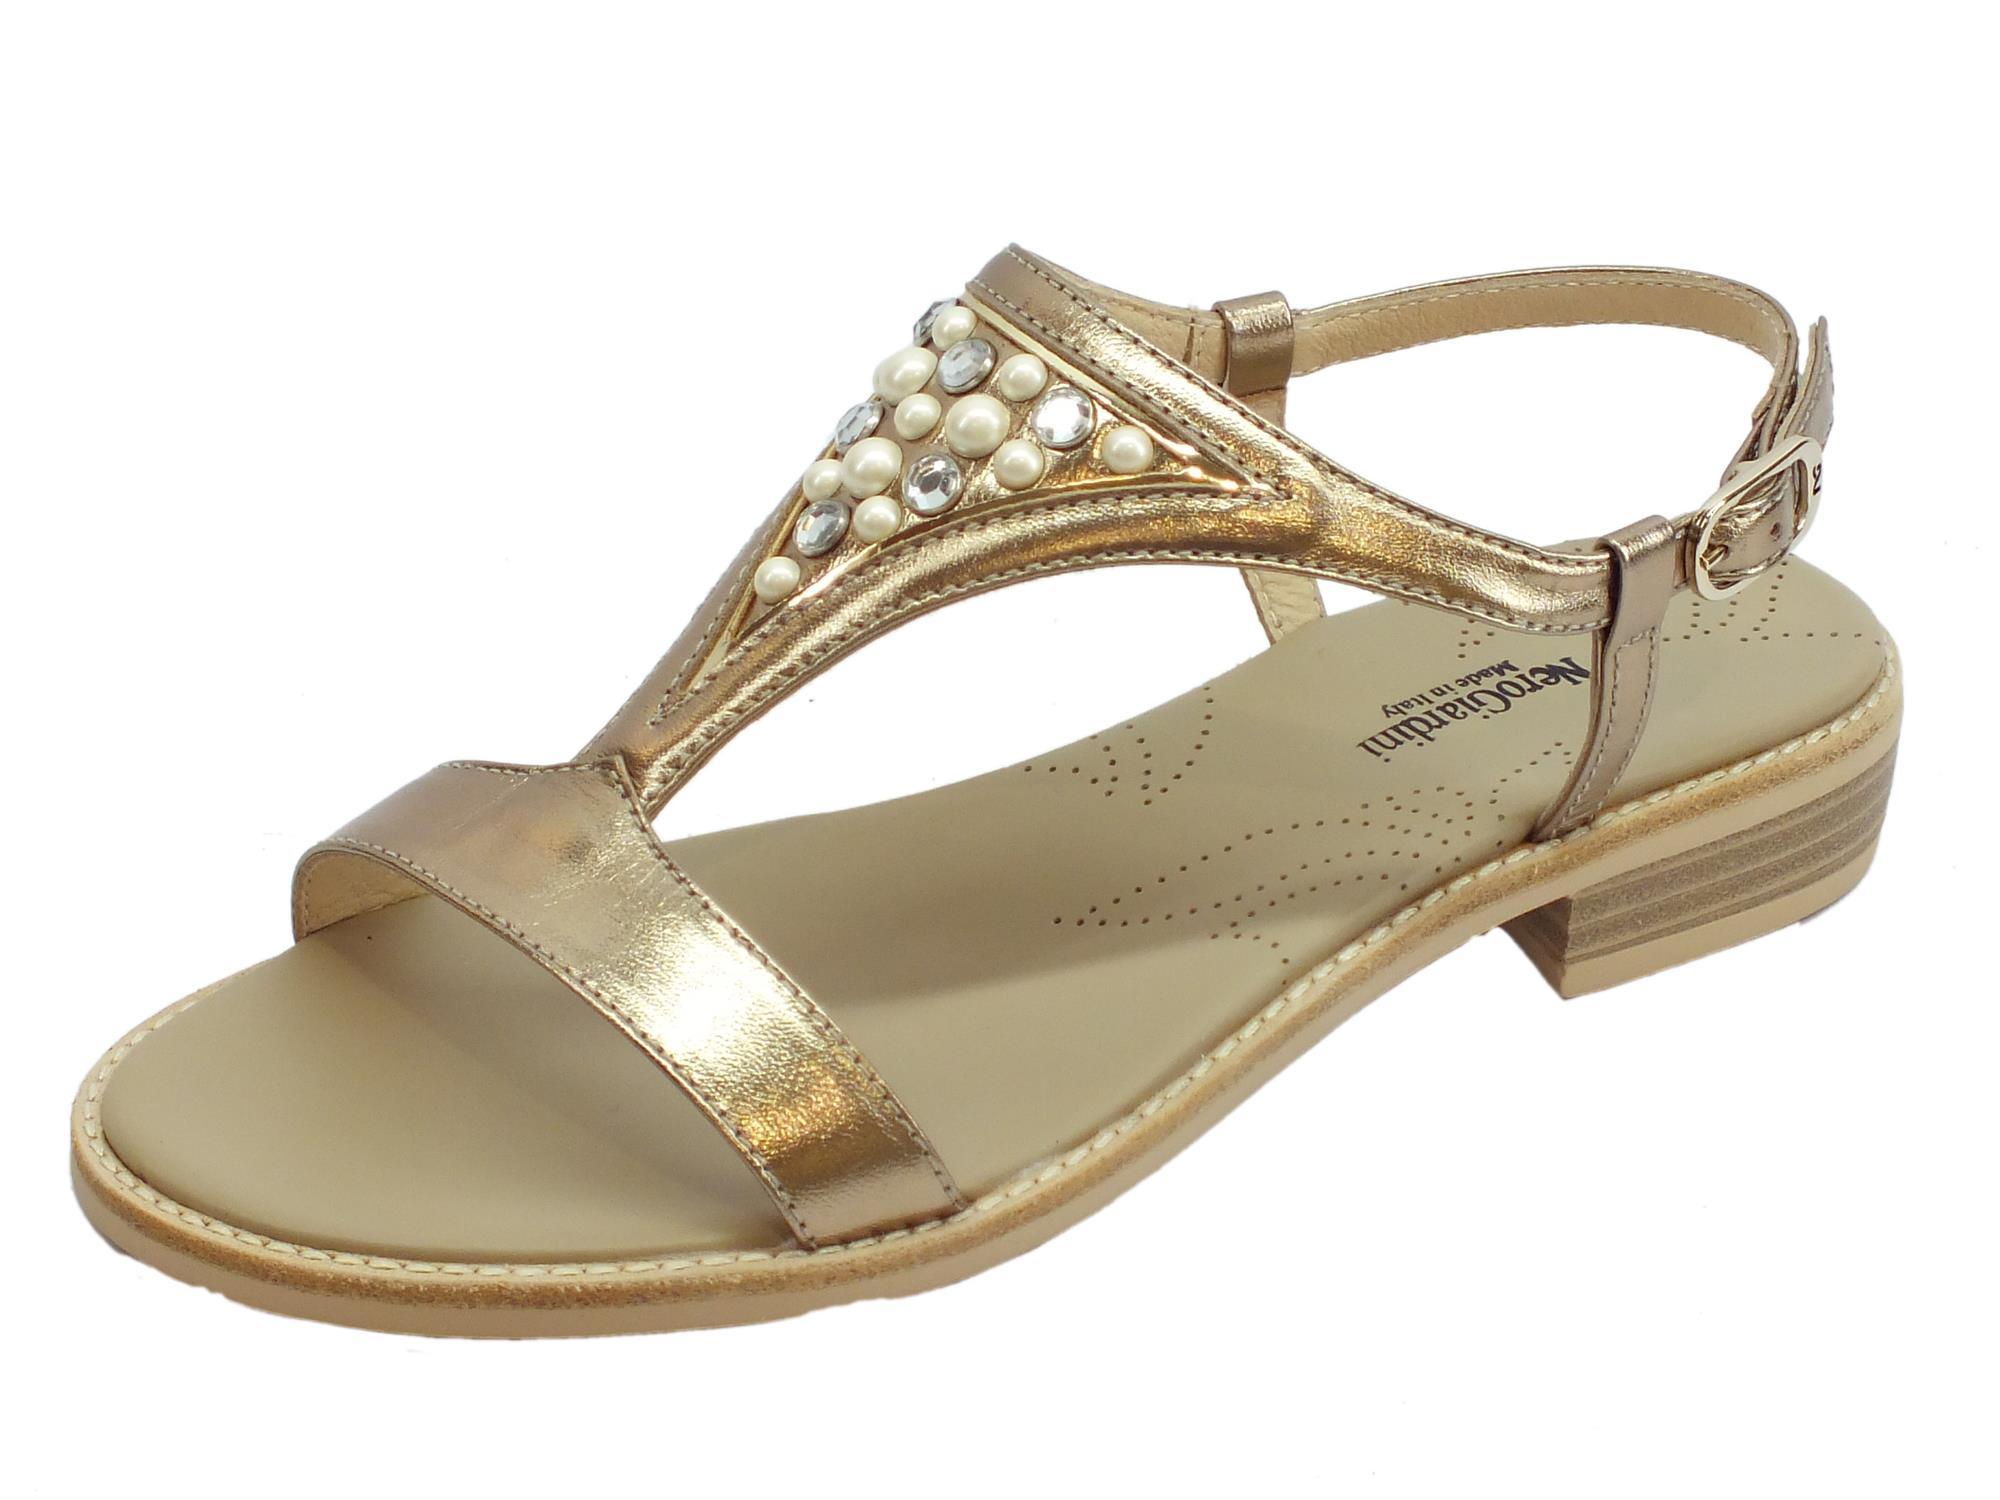 Sandali donna NeroGiardini in pelle colore sandalo tacco basso